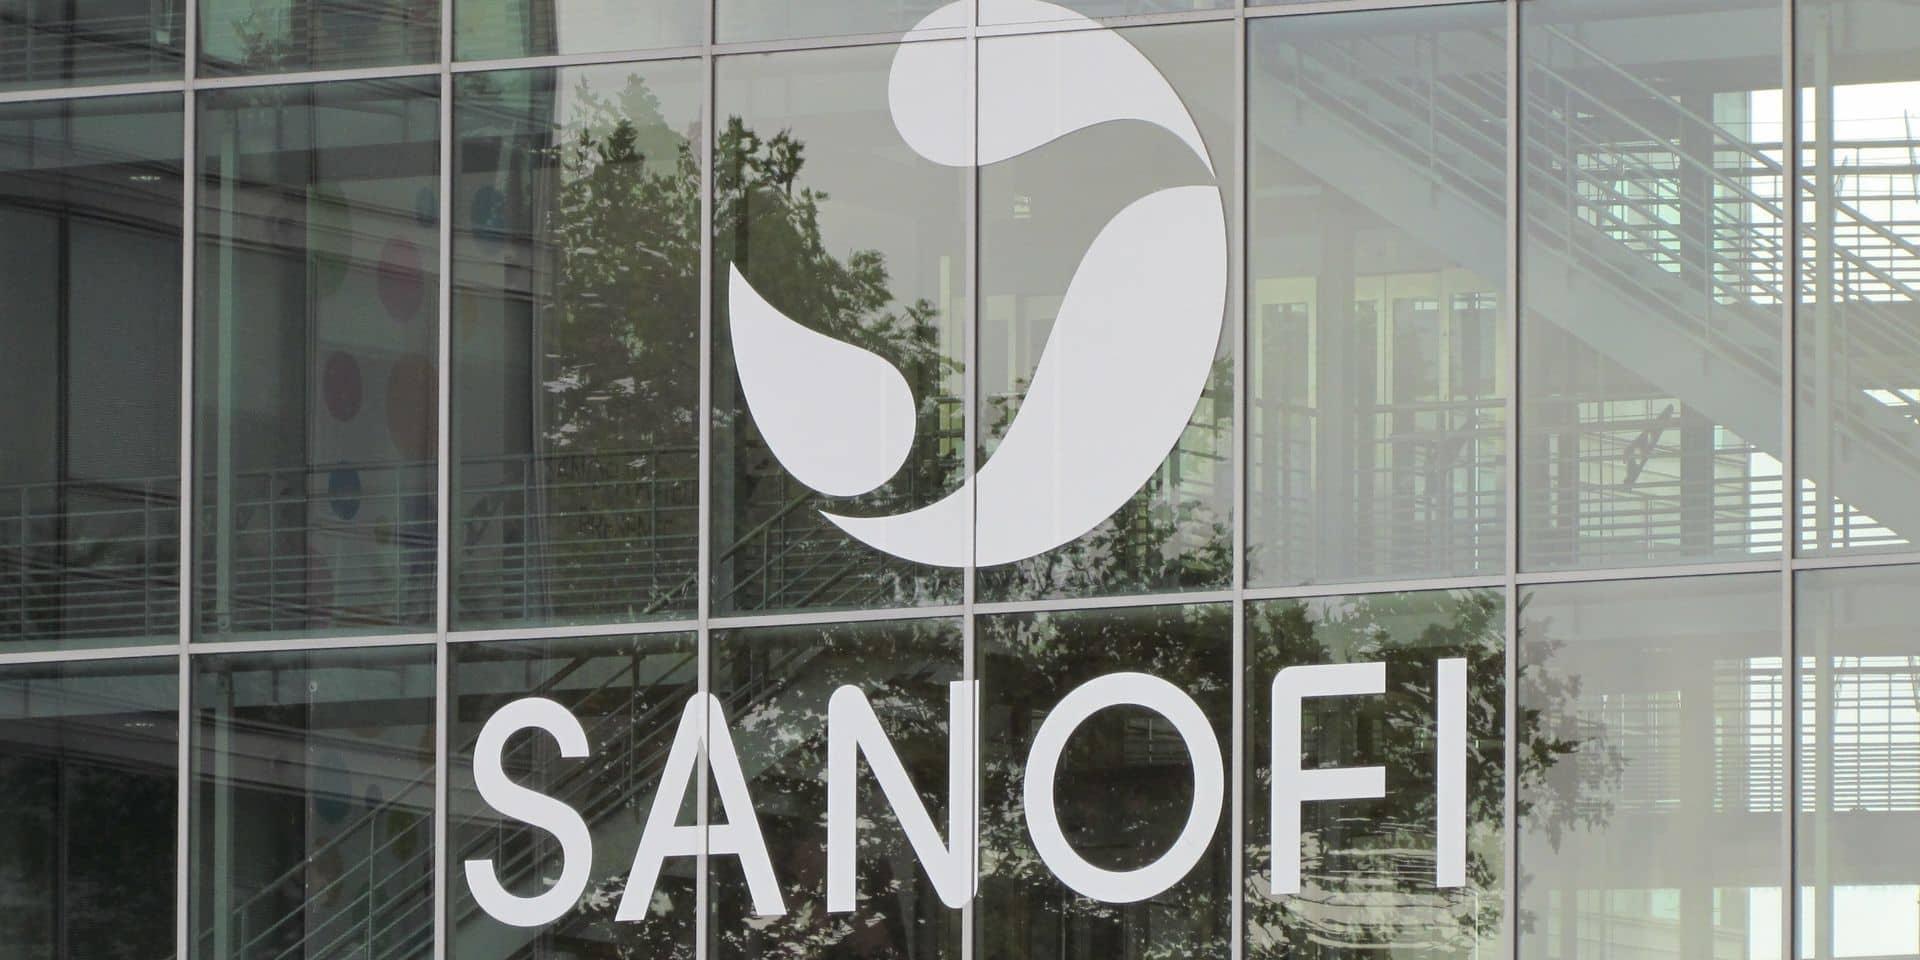 Le groupe français Sanofi va entamer les essais pour son second vaccin contre le Covid-19